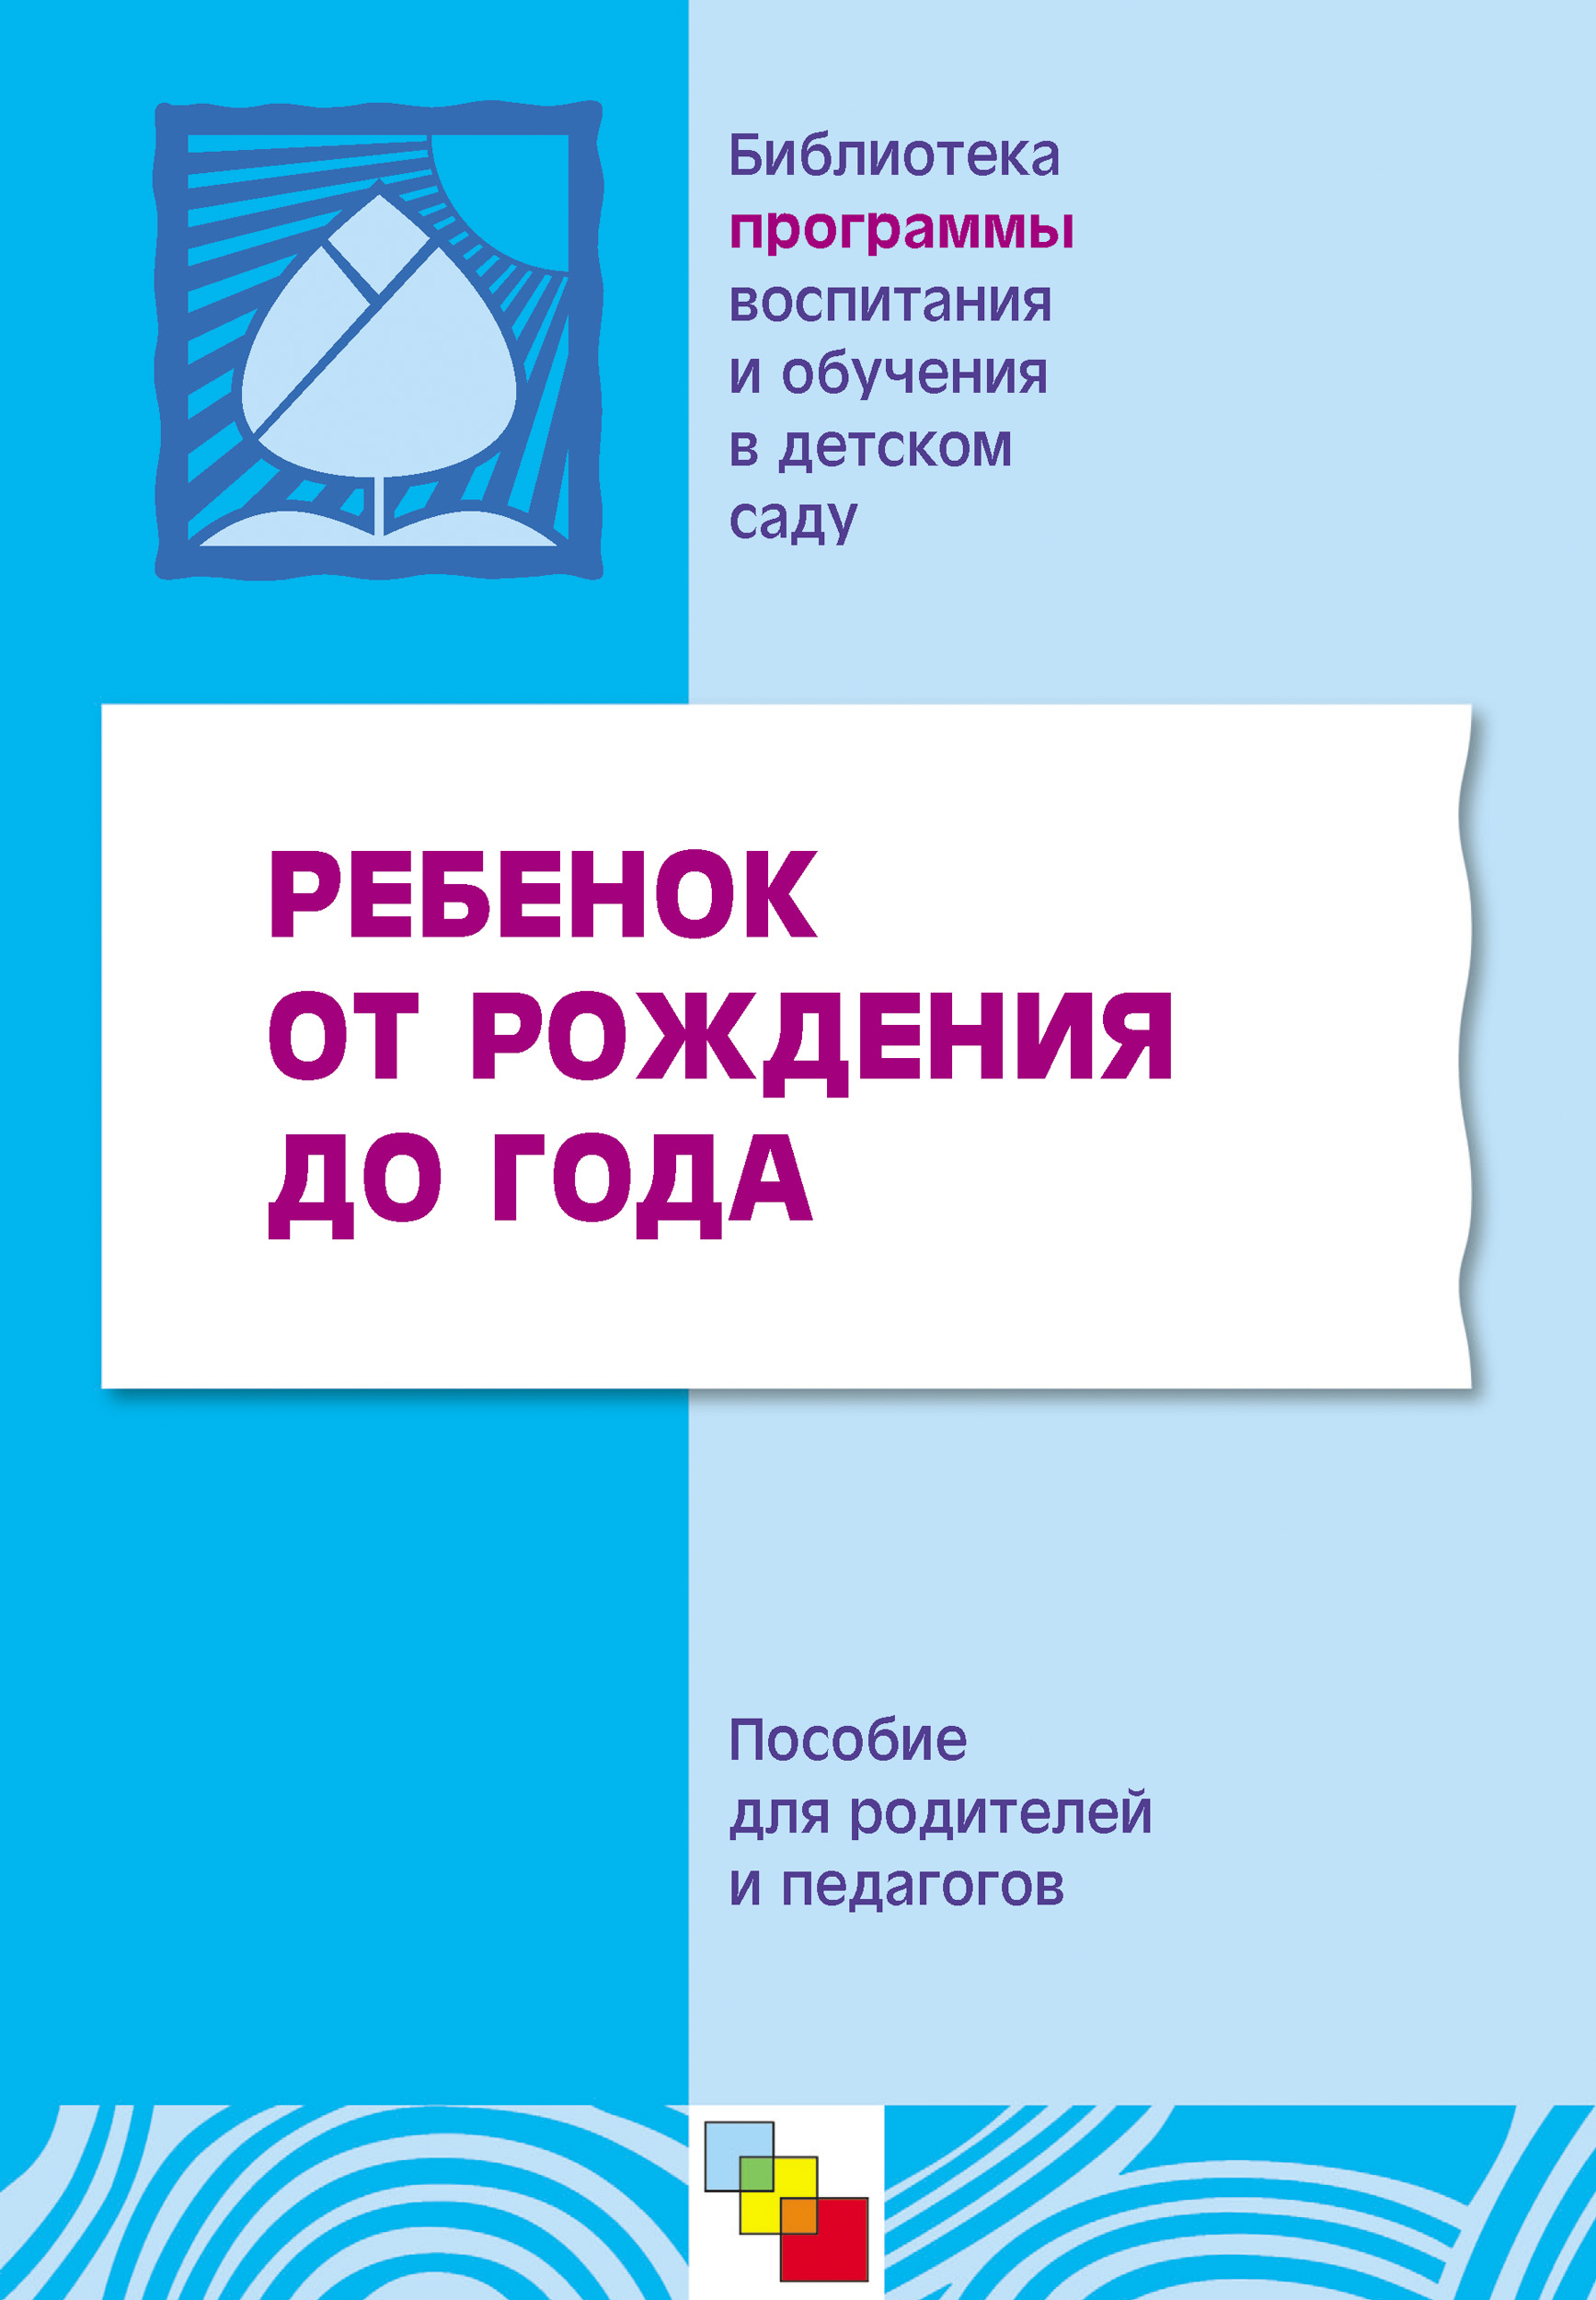 Коллектив авторов Ребенок от рождения до года. Пособие для родителей и педагогов коллектив авторов программа раннего физического развития детей от рождения до 10 лет